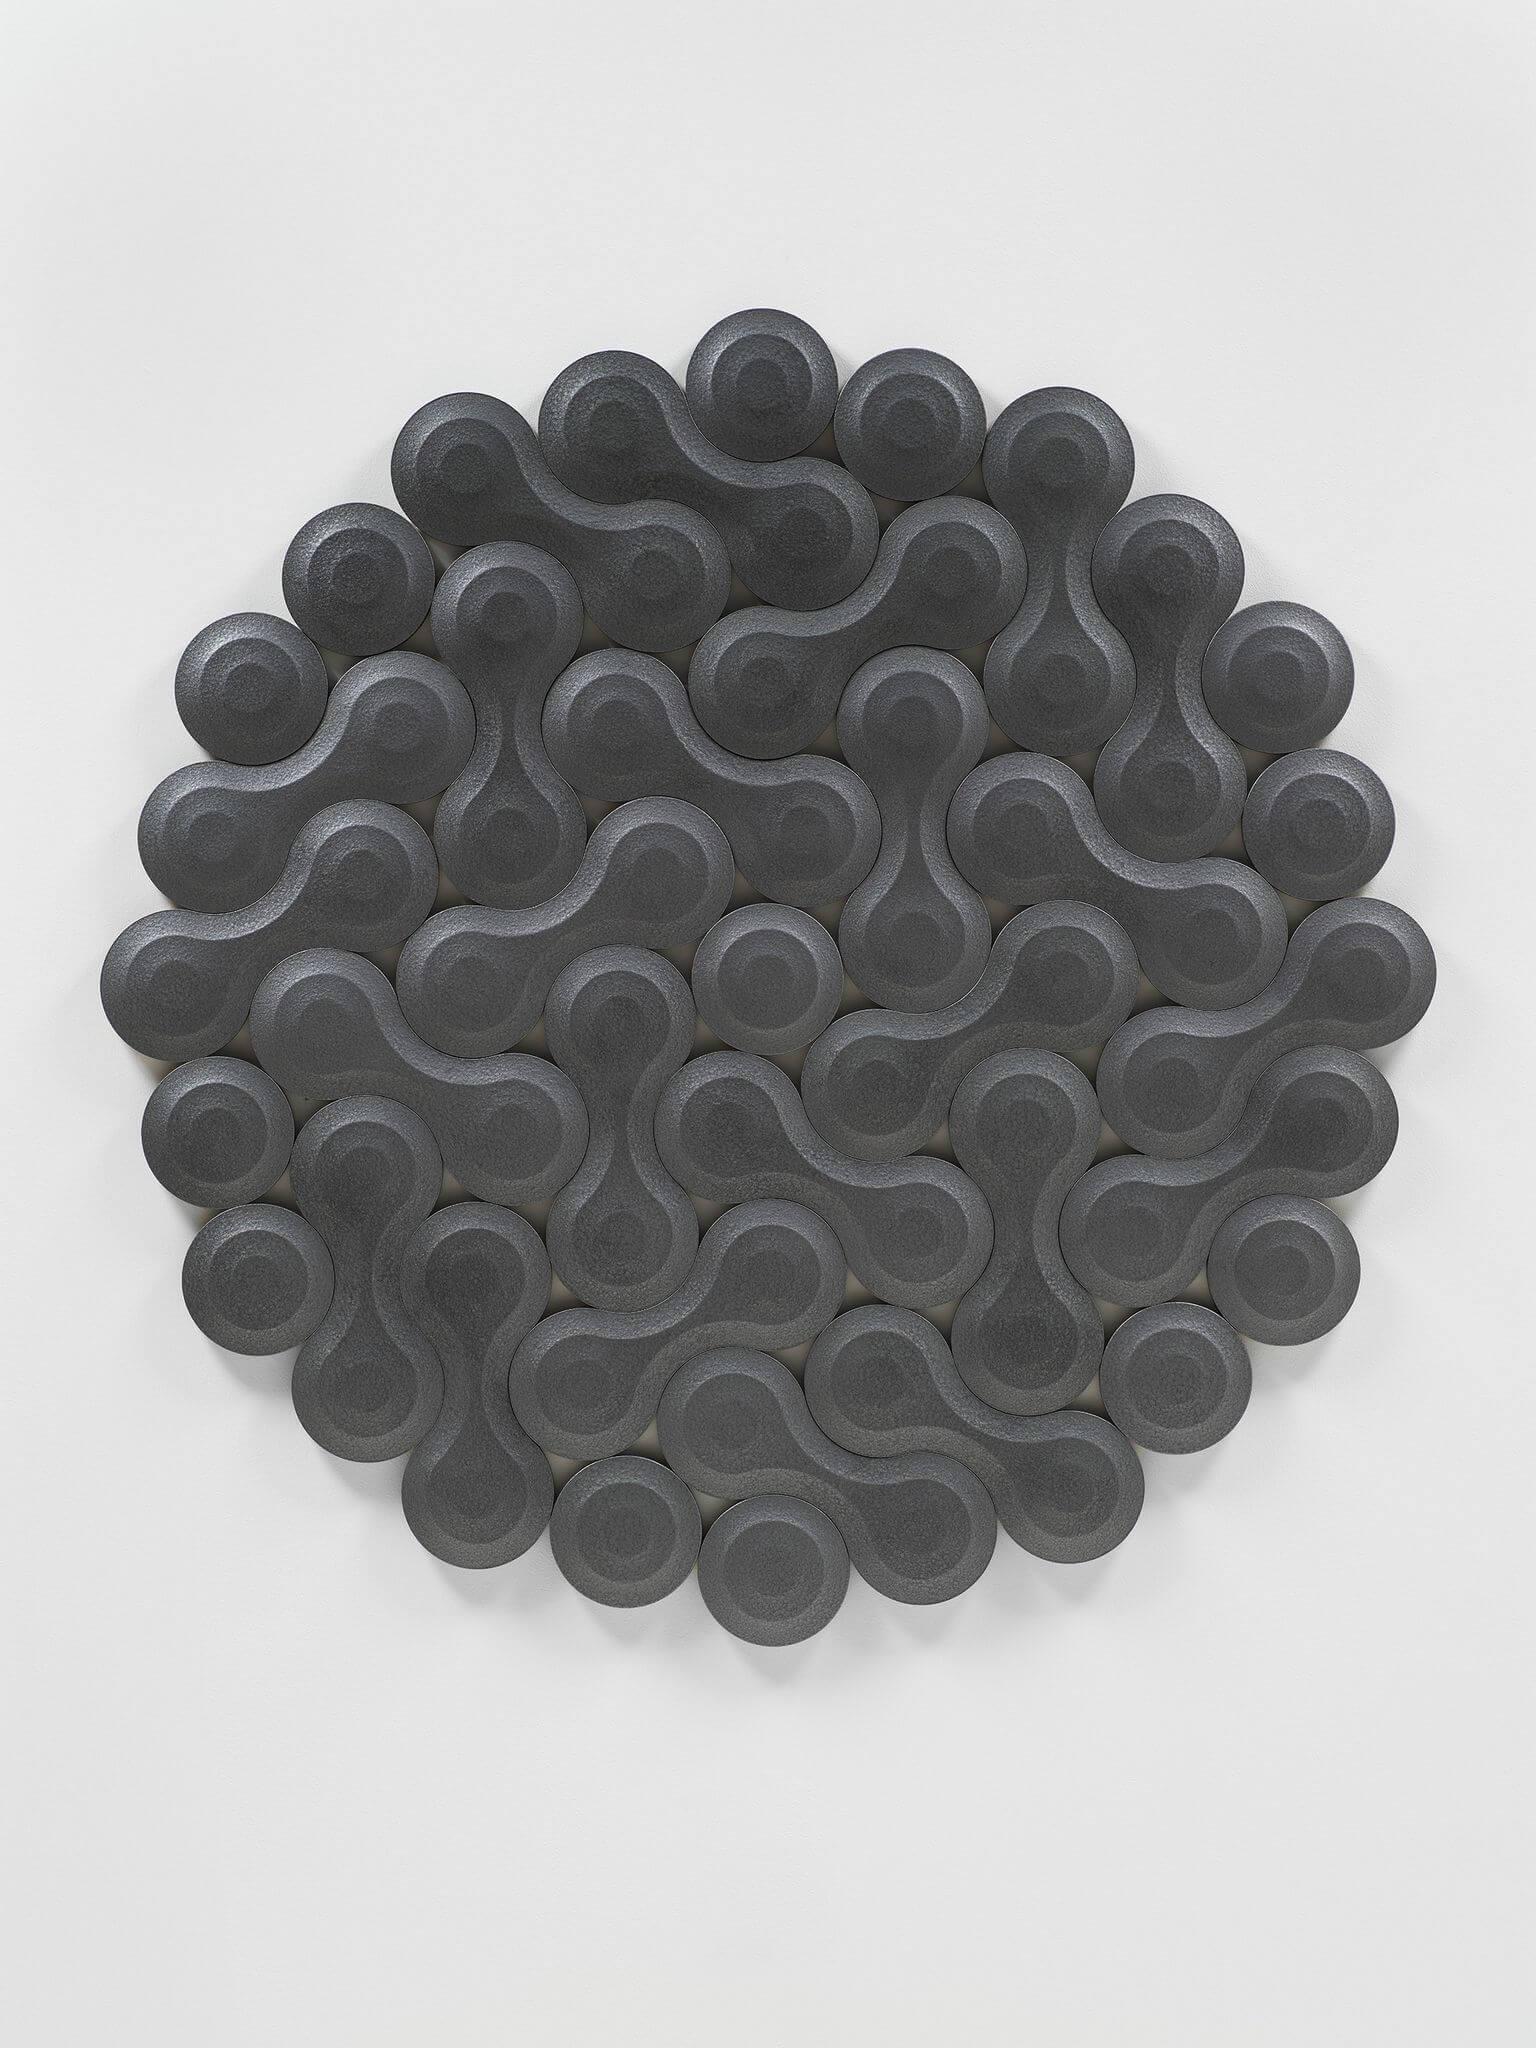 Josh Sperling Double Bubble EE, 2020 hammered enamel, urethane foam 49 3/16 x 52 3/8 in. (125 x 133 cm.)